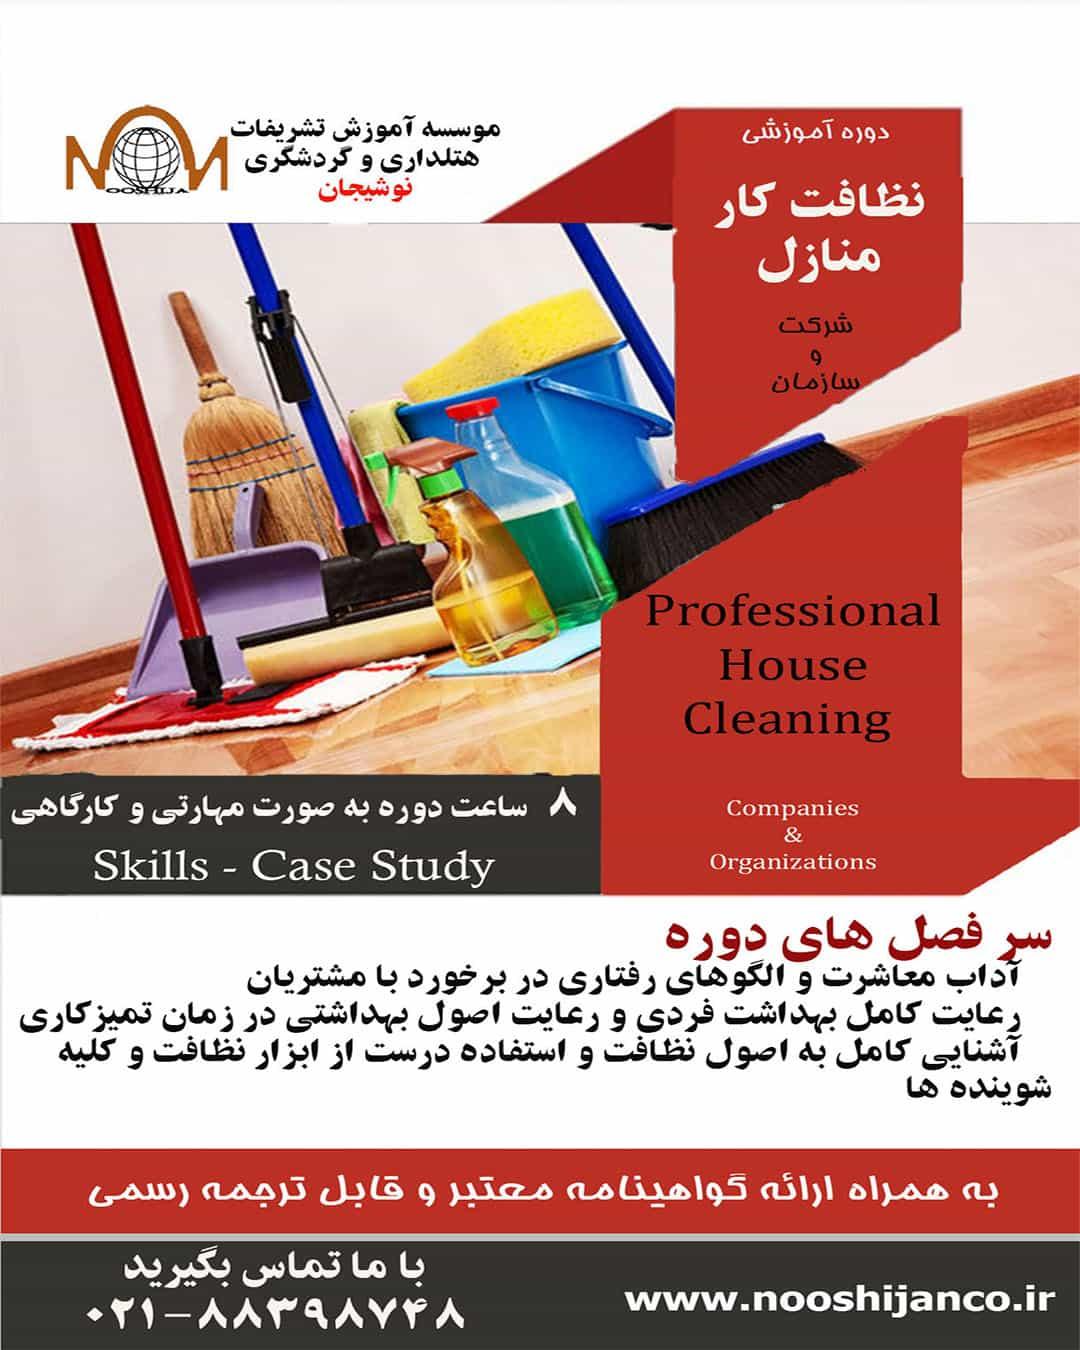 کار منازل min - لیست دوره های آموزشی منابع انسانی